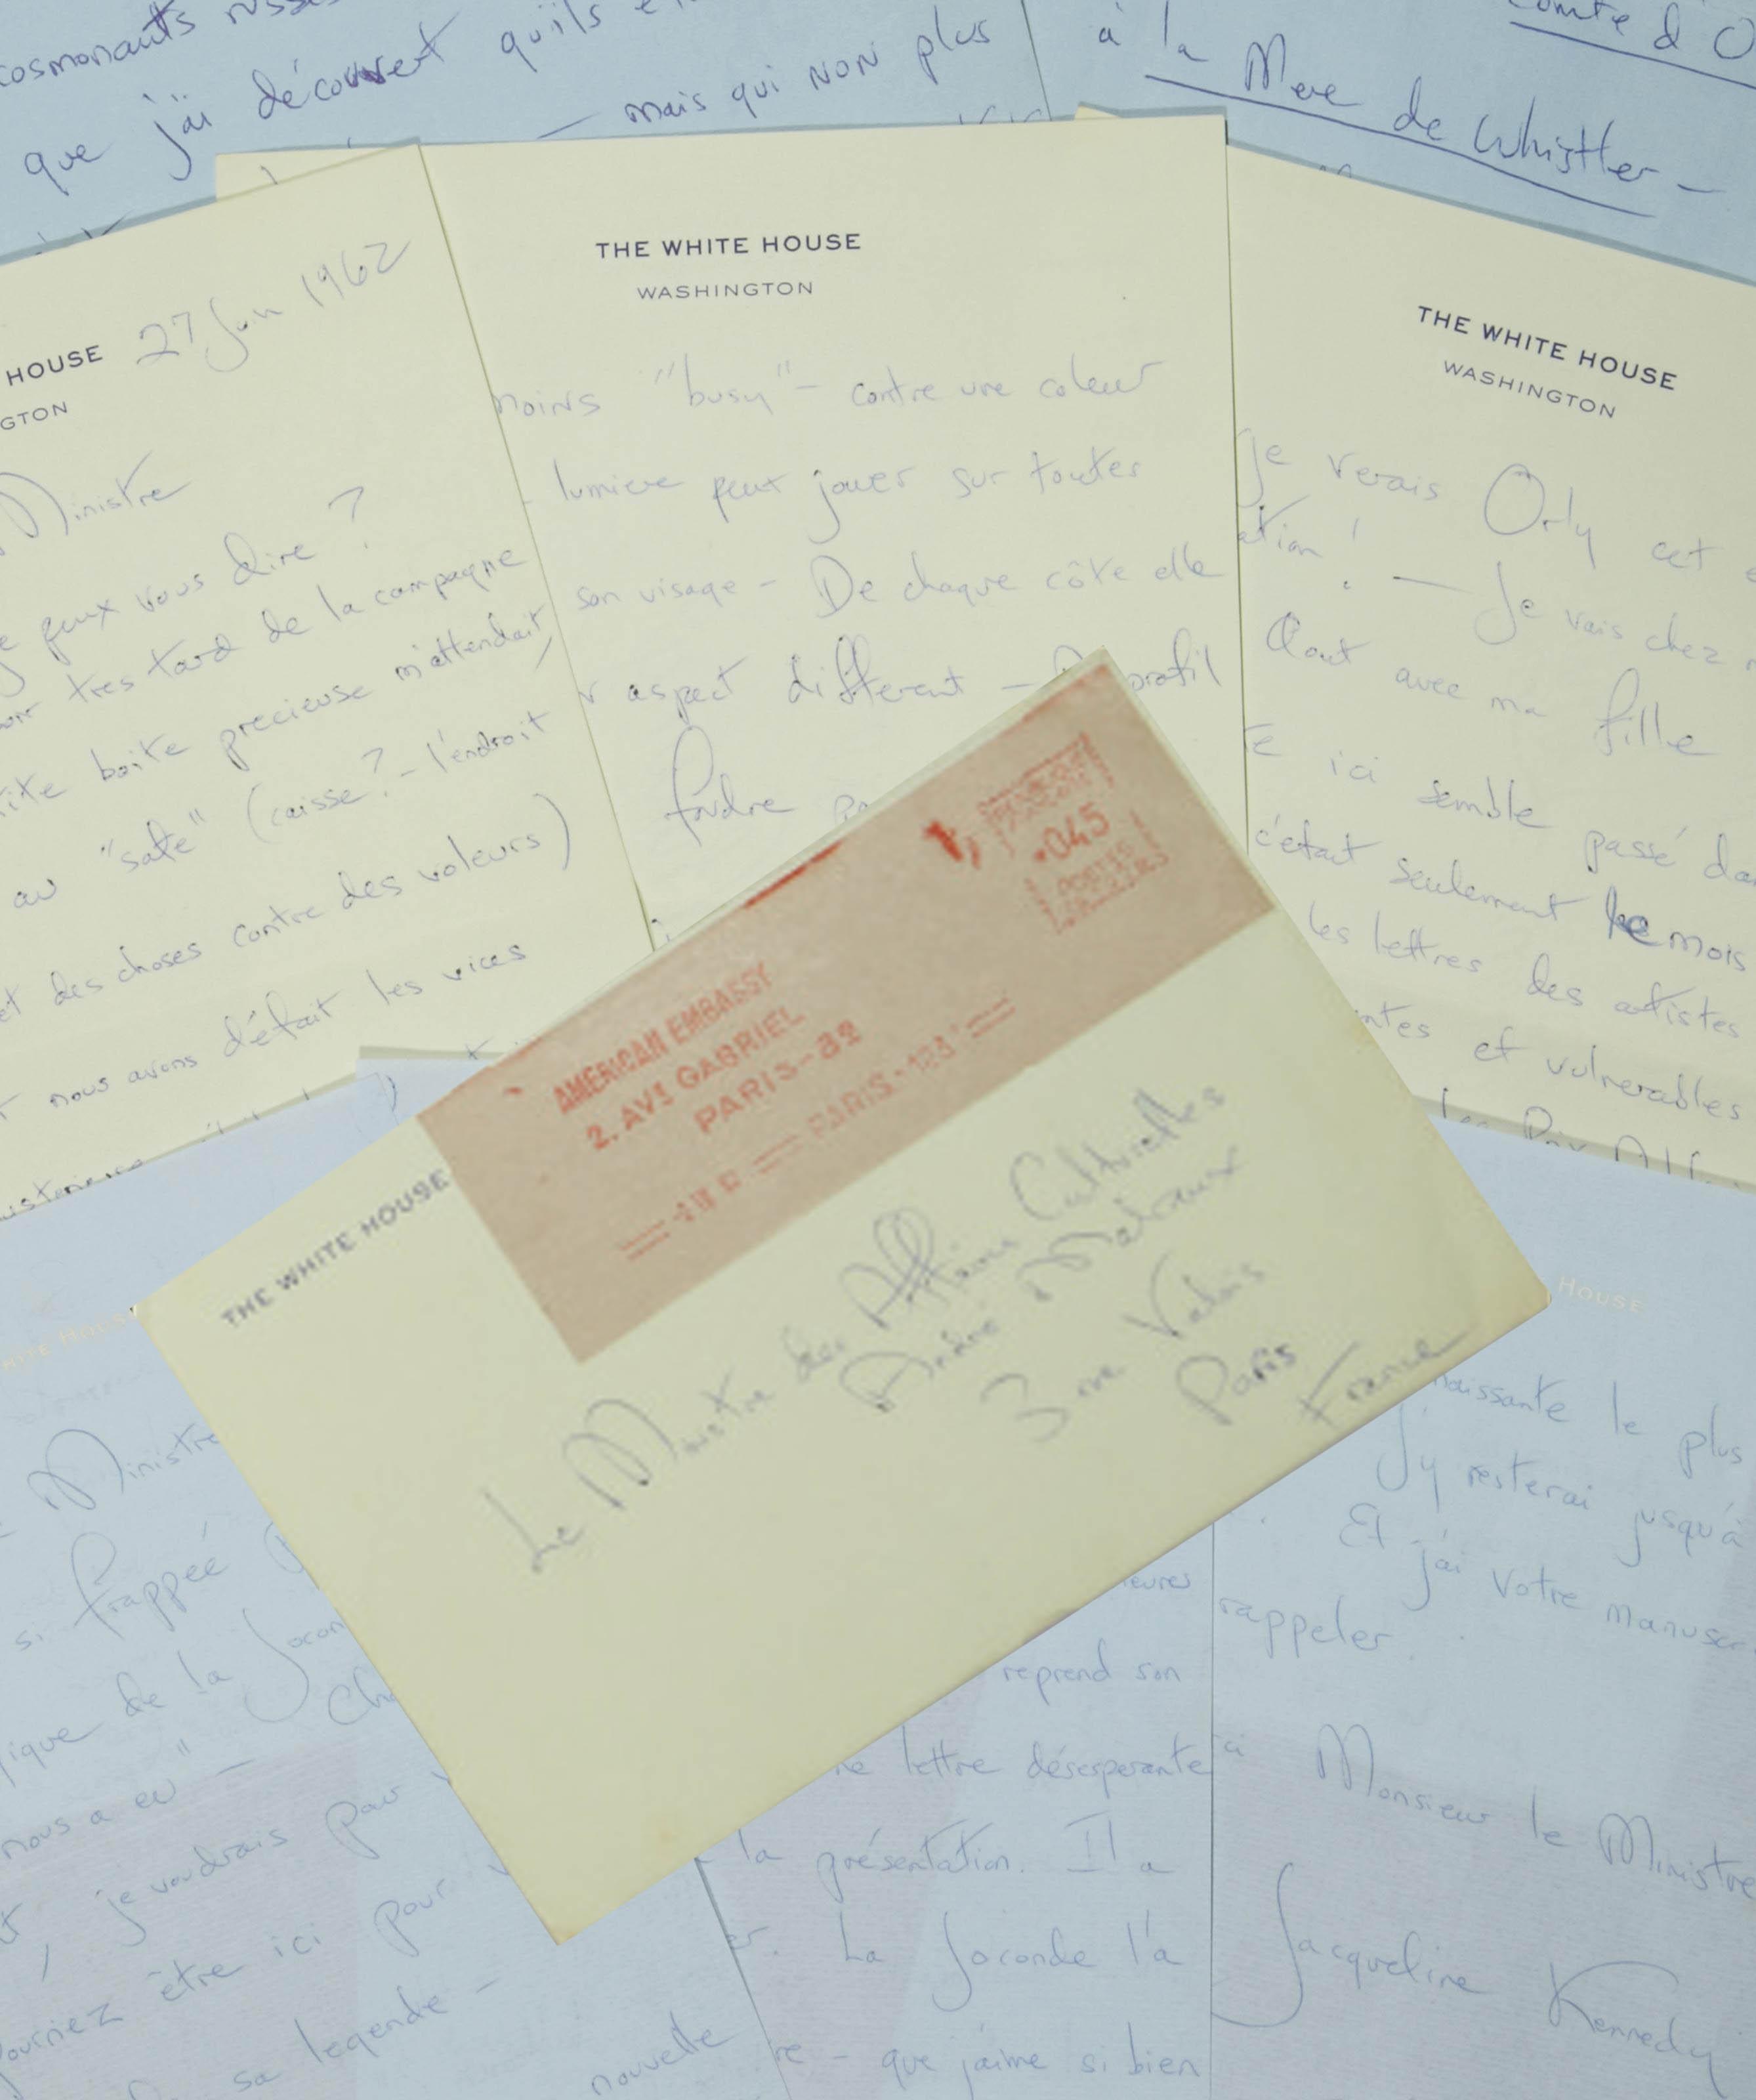 KENNEDY, Jacqueline (1929-1994). Réunion de trois lettres autographes signées de Jackie Kennedy à André Malraux, alors ministre d'État chargé des Affaires culturelles, dont deux sur papier à en-tête de la Maison Blanche.